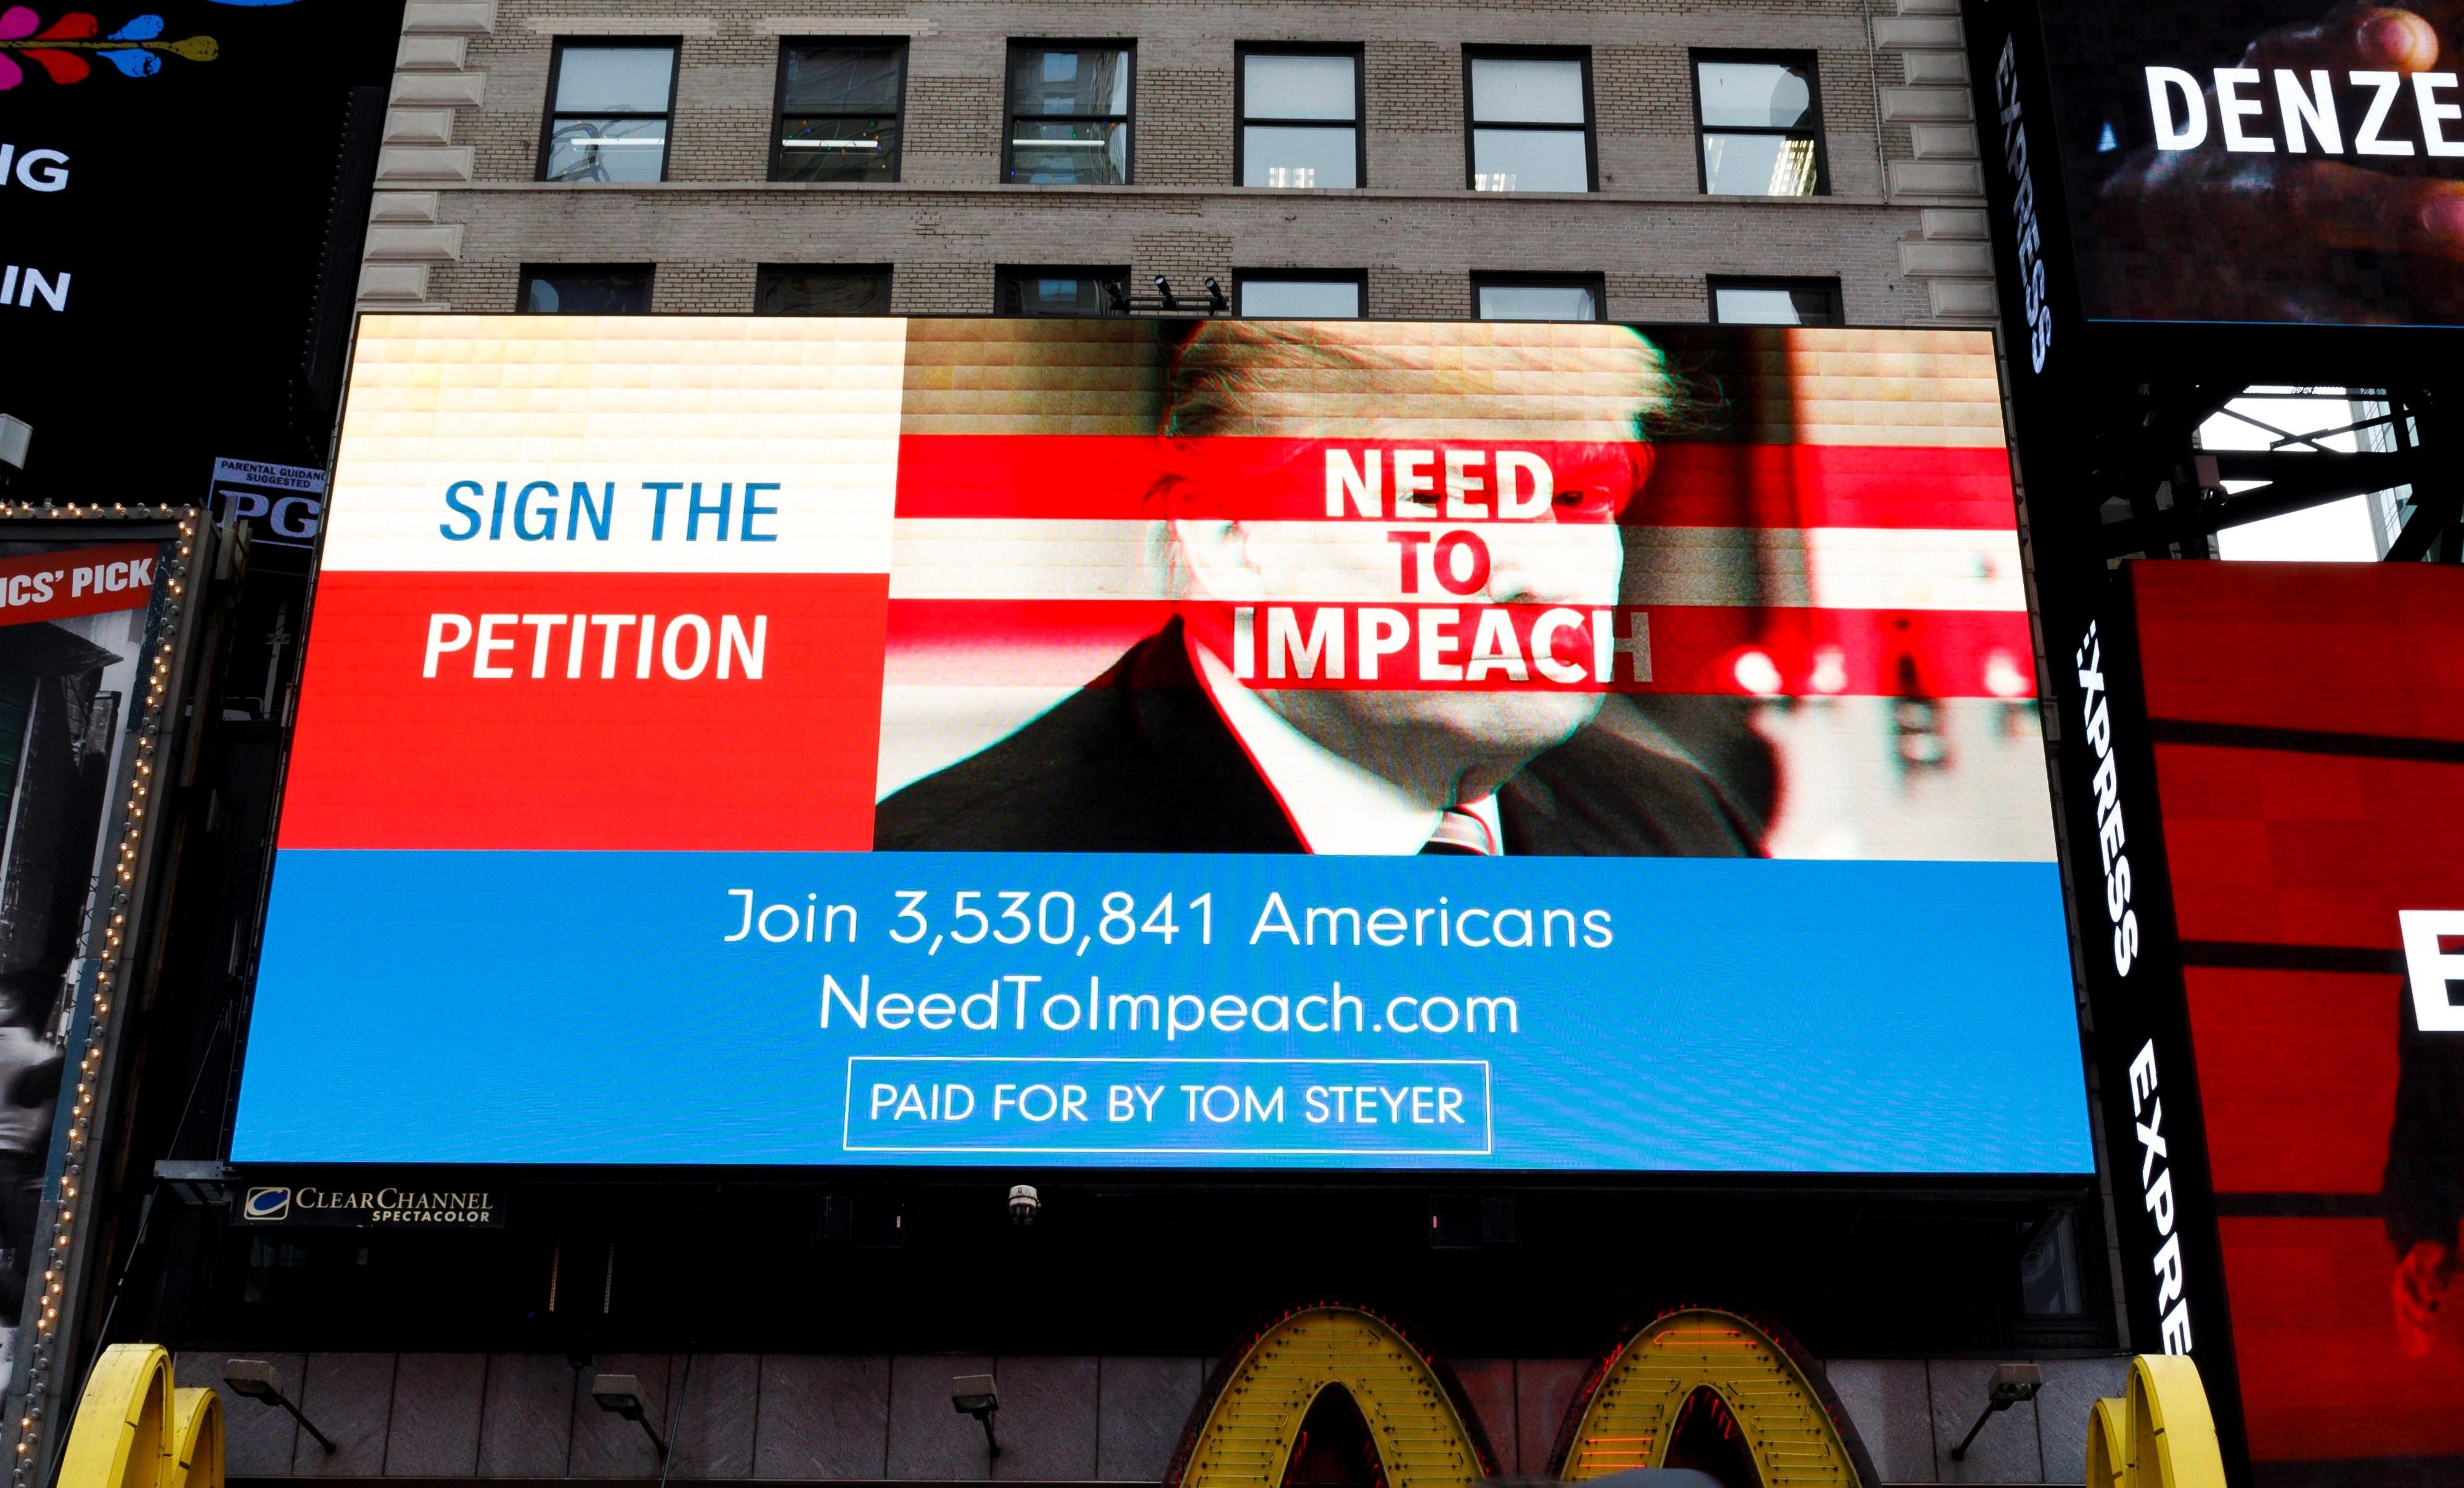 Demokrat ulaže 30 milijuna dolara da bi smijenio Trumpa